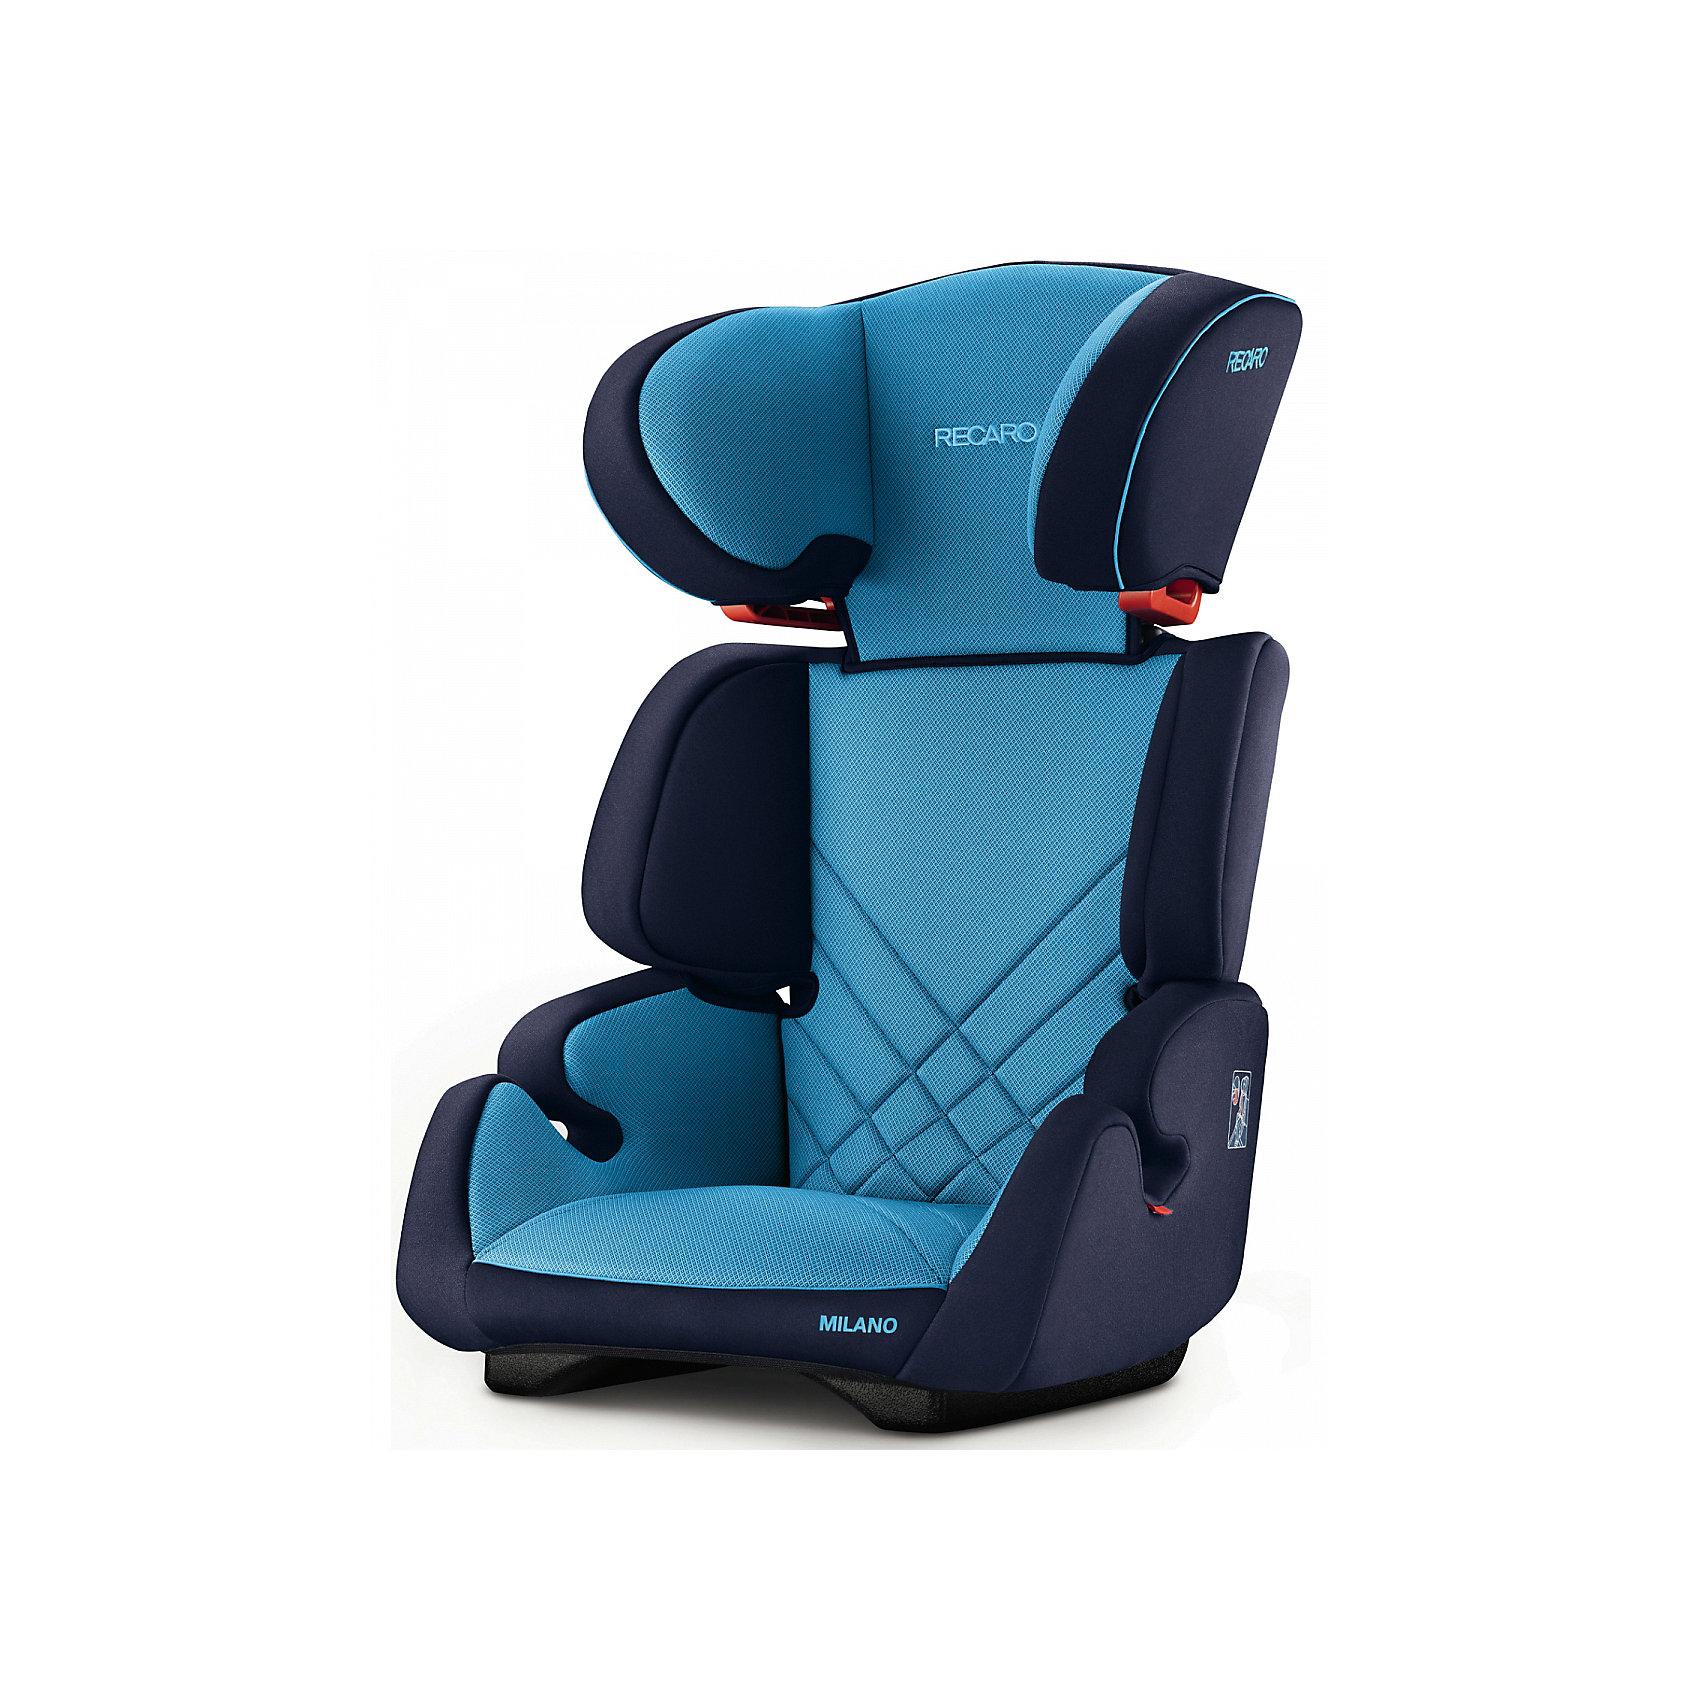 Автокресло RECARO Milano Seatfix 15-36 кг, Xenon BlueГруппа 2-3 (От 15 до 36 кг)<br>Характеристики:<br><br>• группа автокресла: 2/3;<br>• вес ребенка: 15-36 кг;<br>• возраст ребенка: от 3 до 12 лет;<br>• рост ребенка: от 95 до 150 см;<br>• способ крепления: встроенная система IsoFix;<br>• способ установки: лицом по ходу движения автомобиля;<br>• регулируется высота подголовника: 6 положений;<br>• циркуляция воздуха внутри автокресла;<br>• наличие подлокотников;<br>• усиленная боковая защита;<br>• материал: пластик, полиэстер.<br><br>Размеры:<br><br>• размер автокресла: 61х50х45 см;<br>• высота спинки автокресла: 55/67 см;<br>• ширина сиденья: 29 см;<br>• глубина сиденья: 29 см;<br>• ширина подголовника: 20 см;<br>• вес: 6 кг.<br><br>Автокресло Milano Seatfix - продуманный вариант для подросших любителей путешествовать в автомобиле. Автокресло устанавливается на заднем сидении автомобиля с любой стороны. Встроенная система Изофикс позволяет легко и прочно устанавливать автокресло в салоне автомобиля. Регулирование высоты подголовника дает возможность настроить удобное положение в зависимости от того, как ребенок растет. Съемные чехлы можно стирать при температуре 30 градусов без отжима. <br><br>Автокресло Milano Seatfix 15-36 кг., Recaro, Xenon Blue можно купить в нашем интернет-магазине.<br><br>Ширина мм: 610<br>Глубина мм: 500<br>Высота мм: 450<br>Вес г: 6000<br>Возраст от месяцев: 36<br>Возраст до месяцев: 144<br>Пол: Мужской<br>Возраст: Детский<br>SKU: 5396743